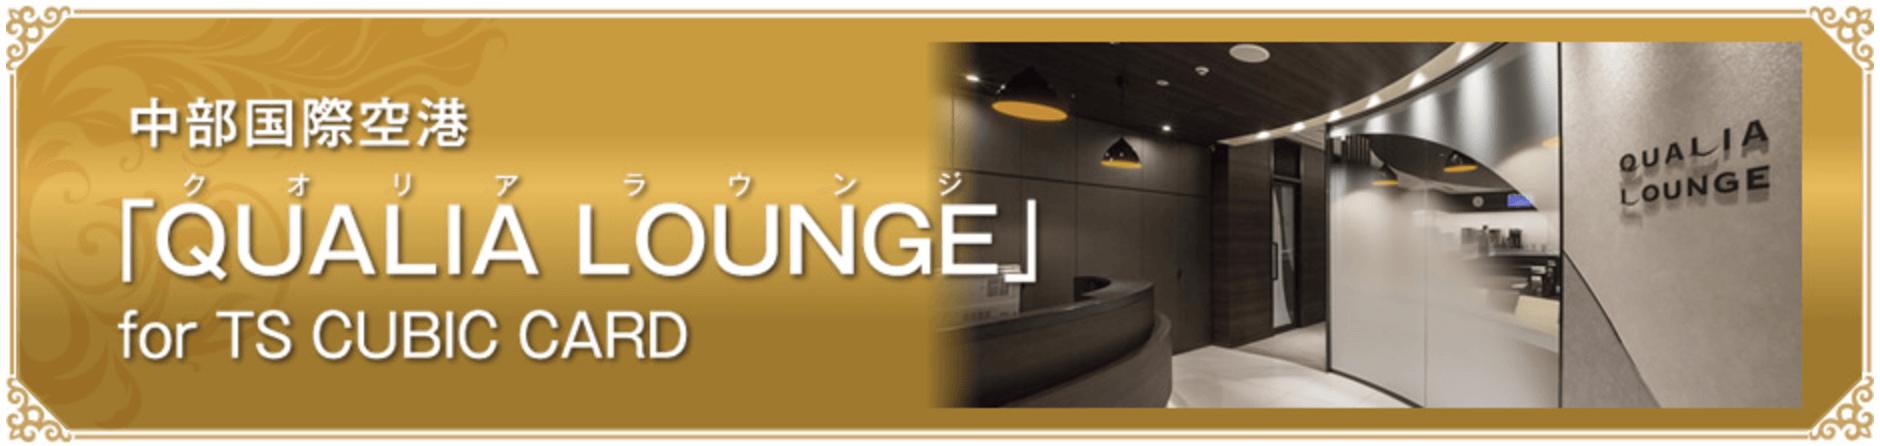 トヨタ ゴールドカードで利用できる中部国際空港 QUALIA LOUNGE